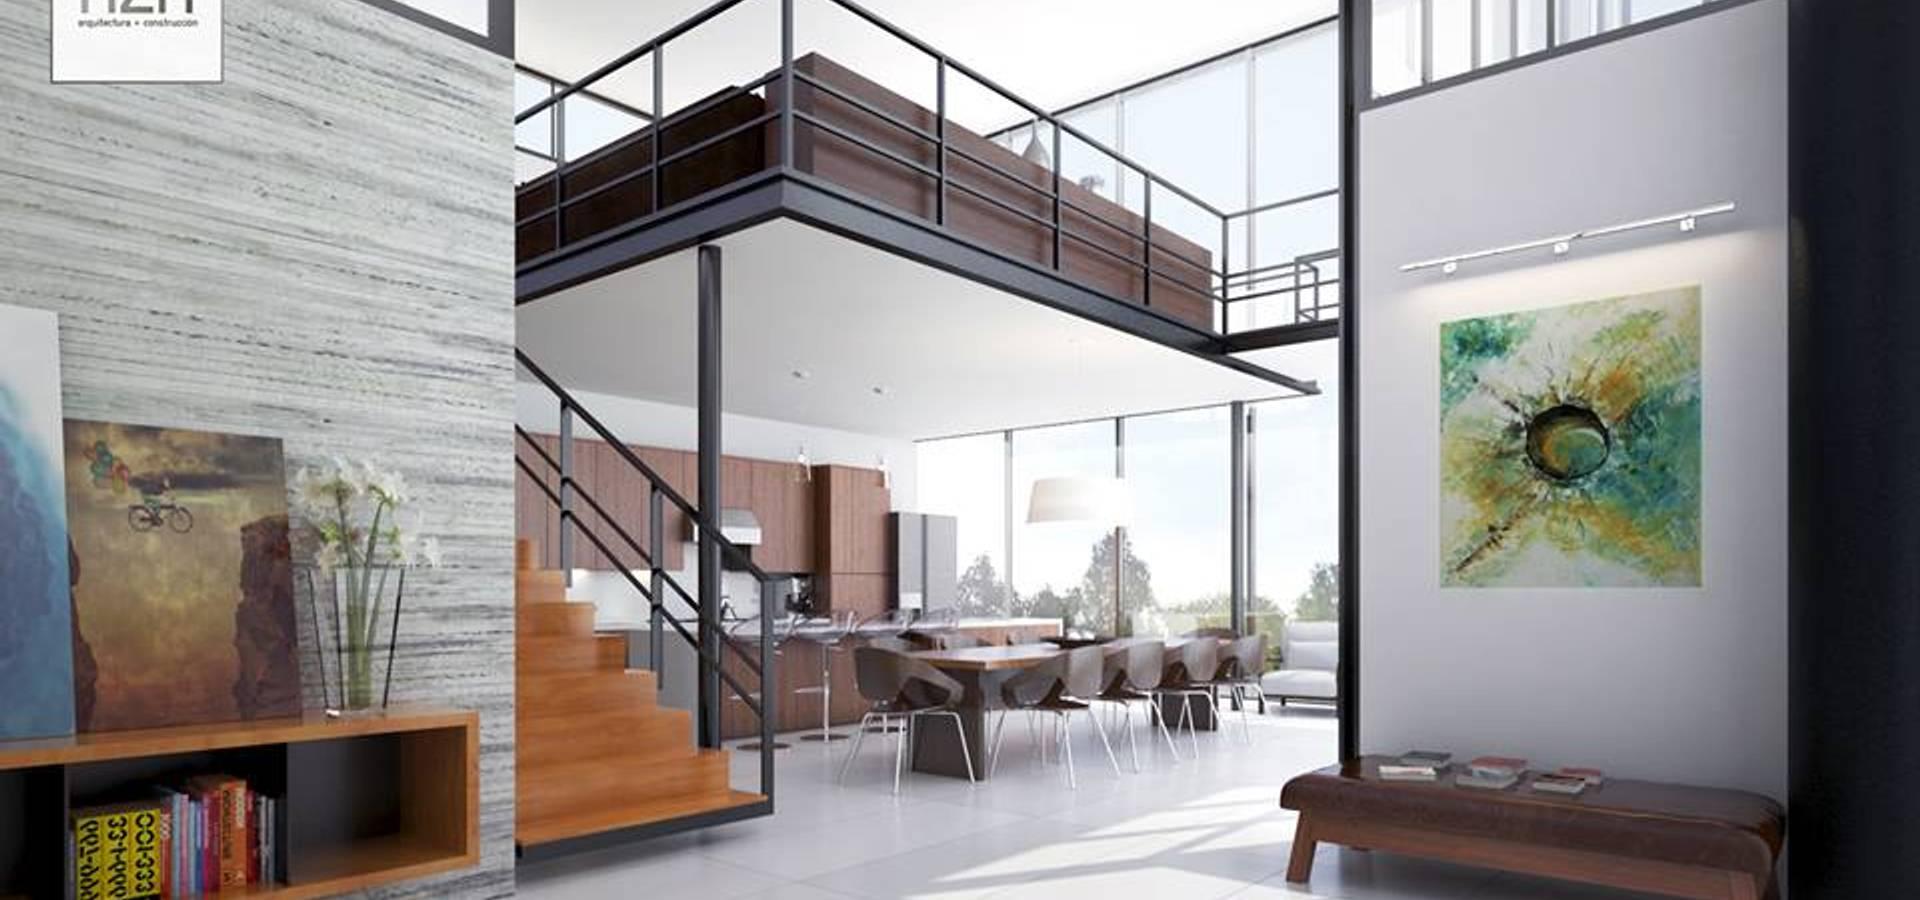 HZH Arquitectura & Diseño